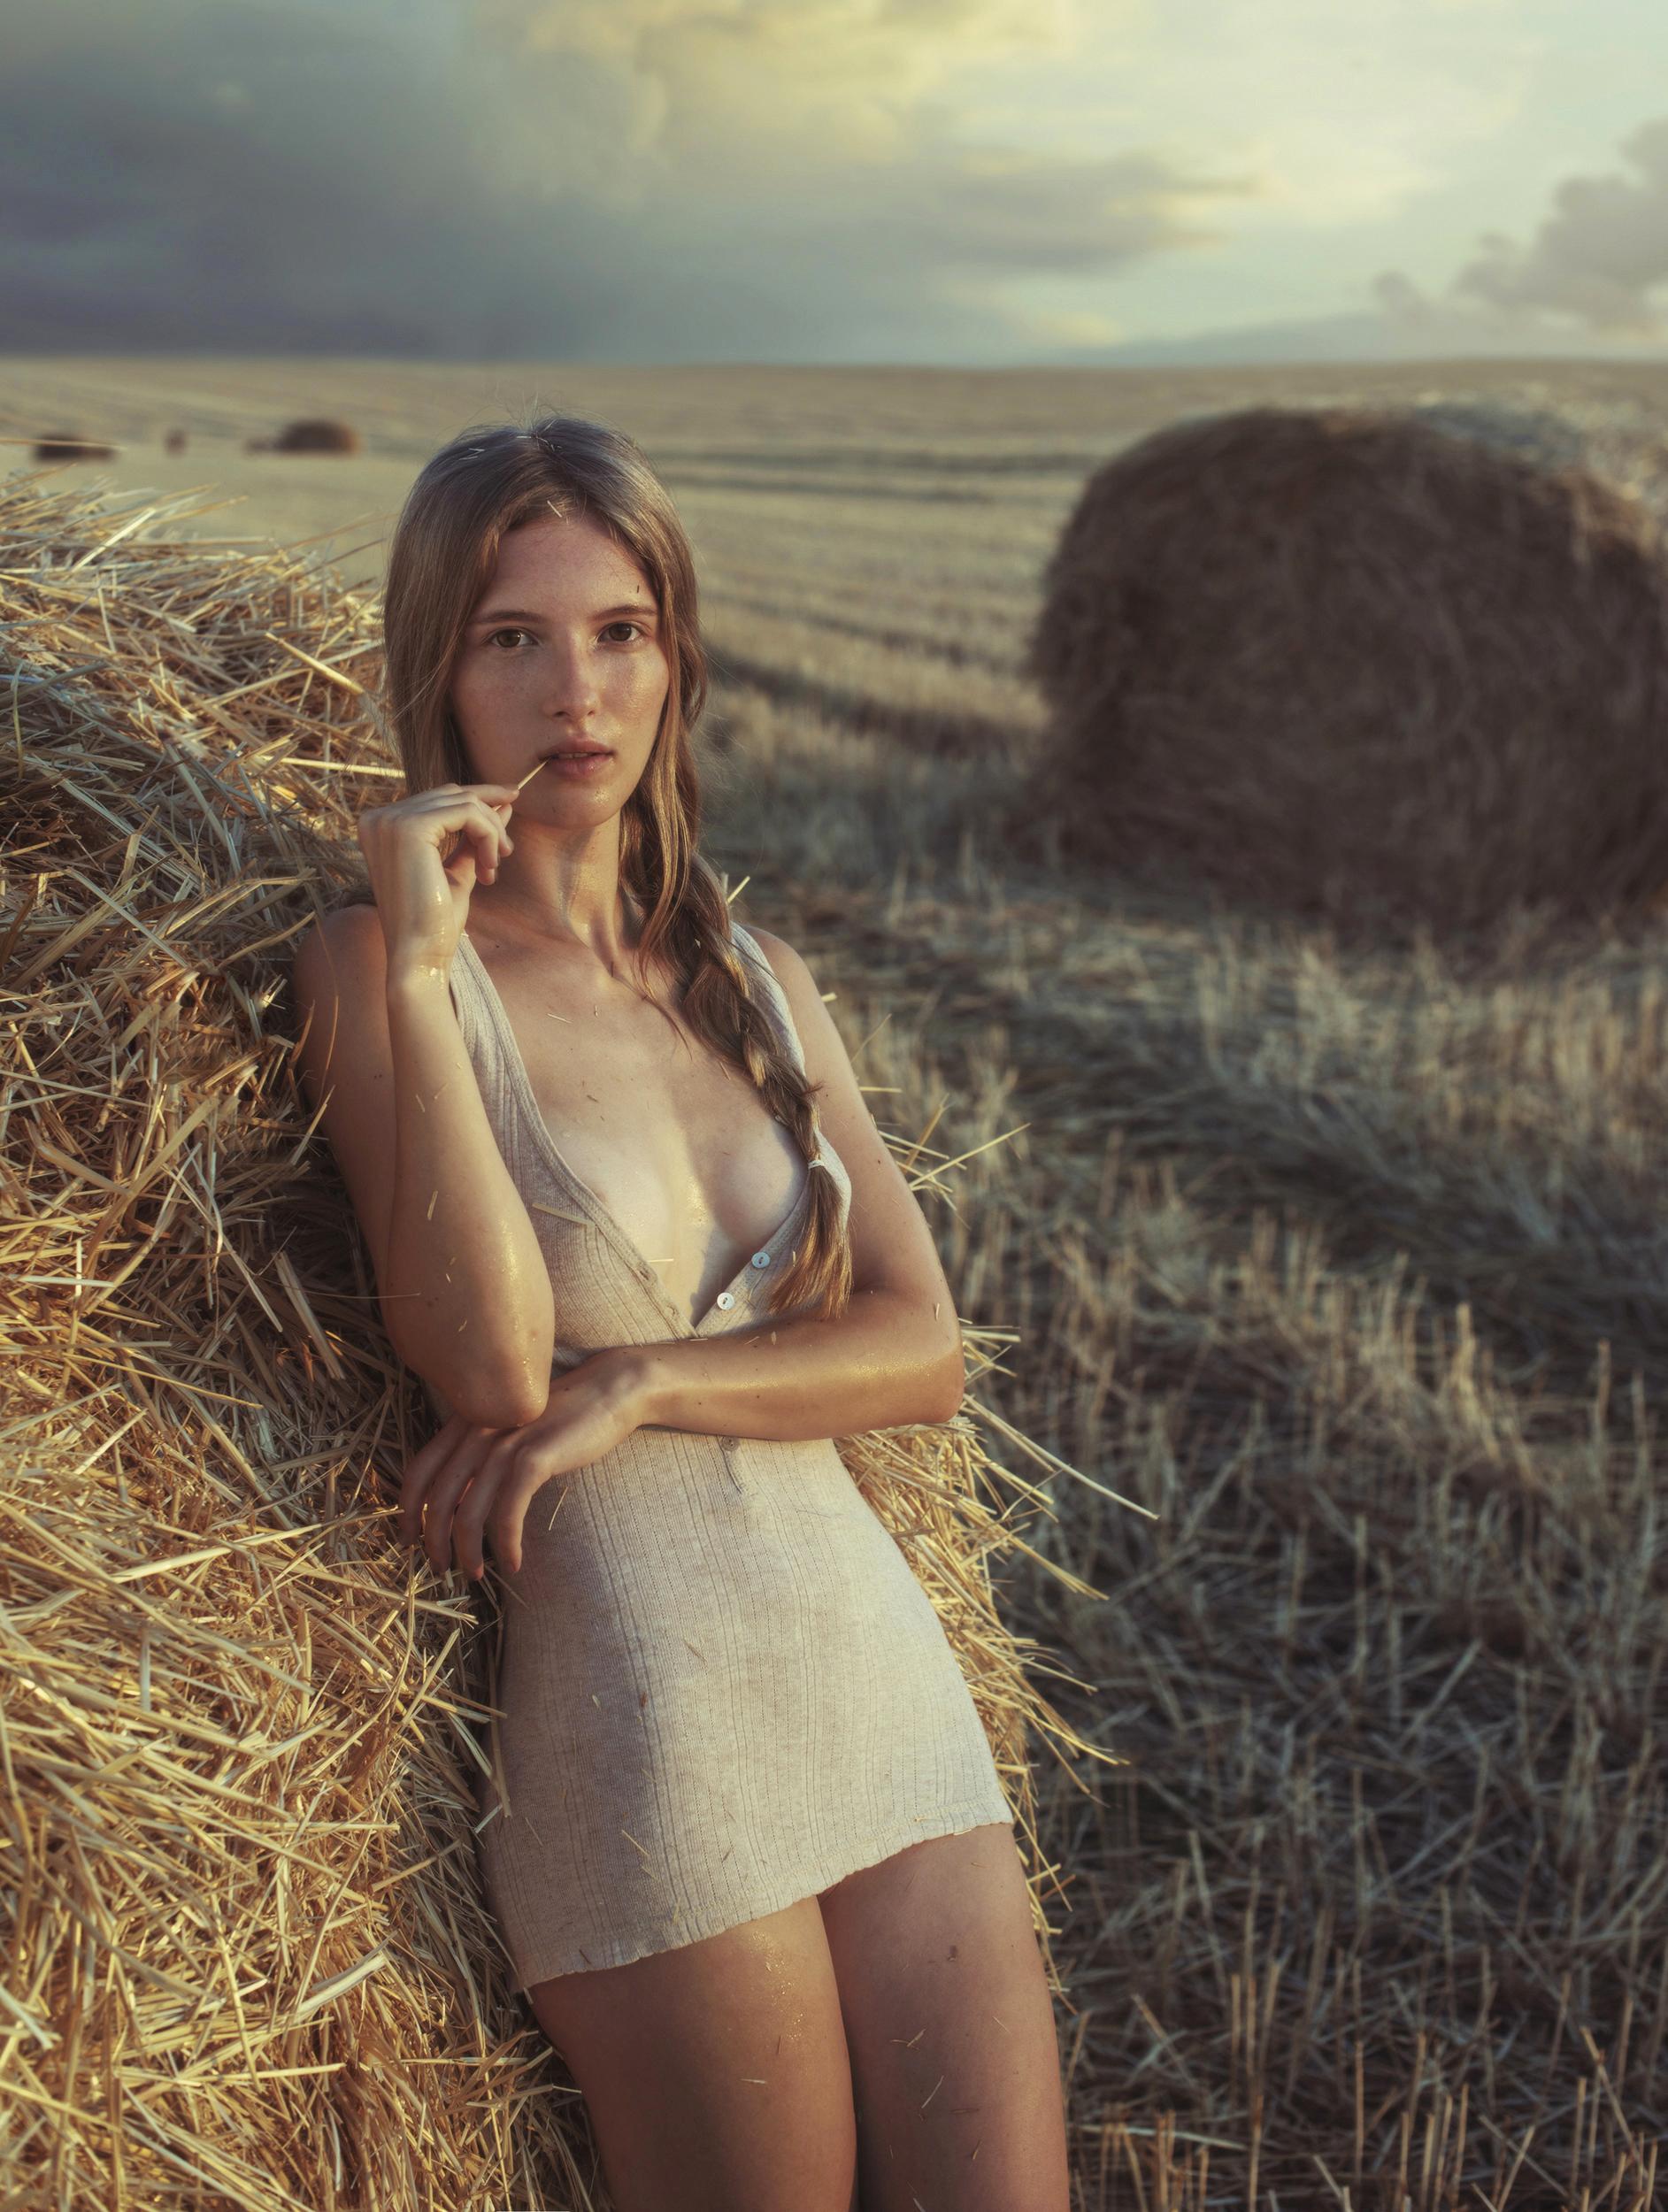 Деревенская красота/ фотограф Давид Дубницкий